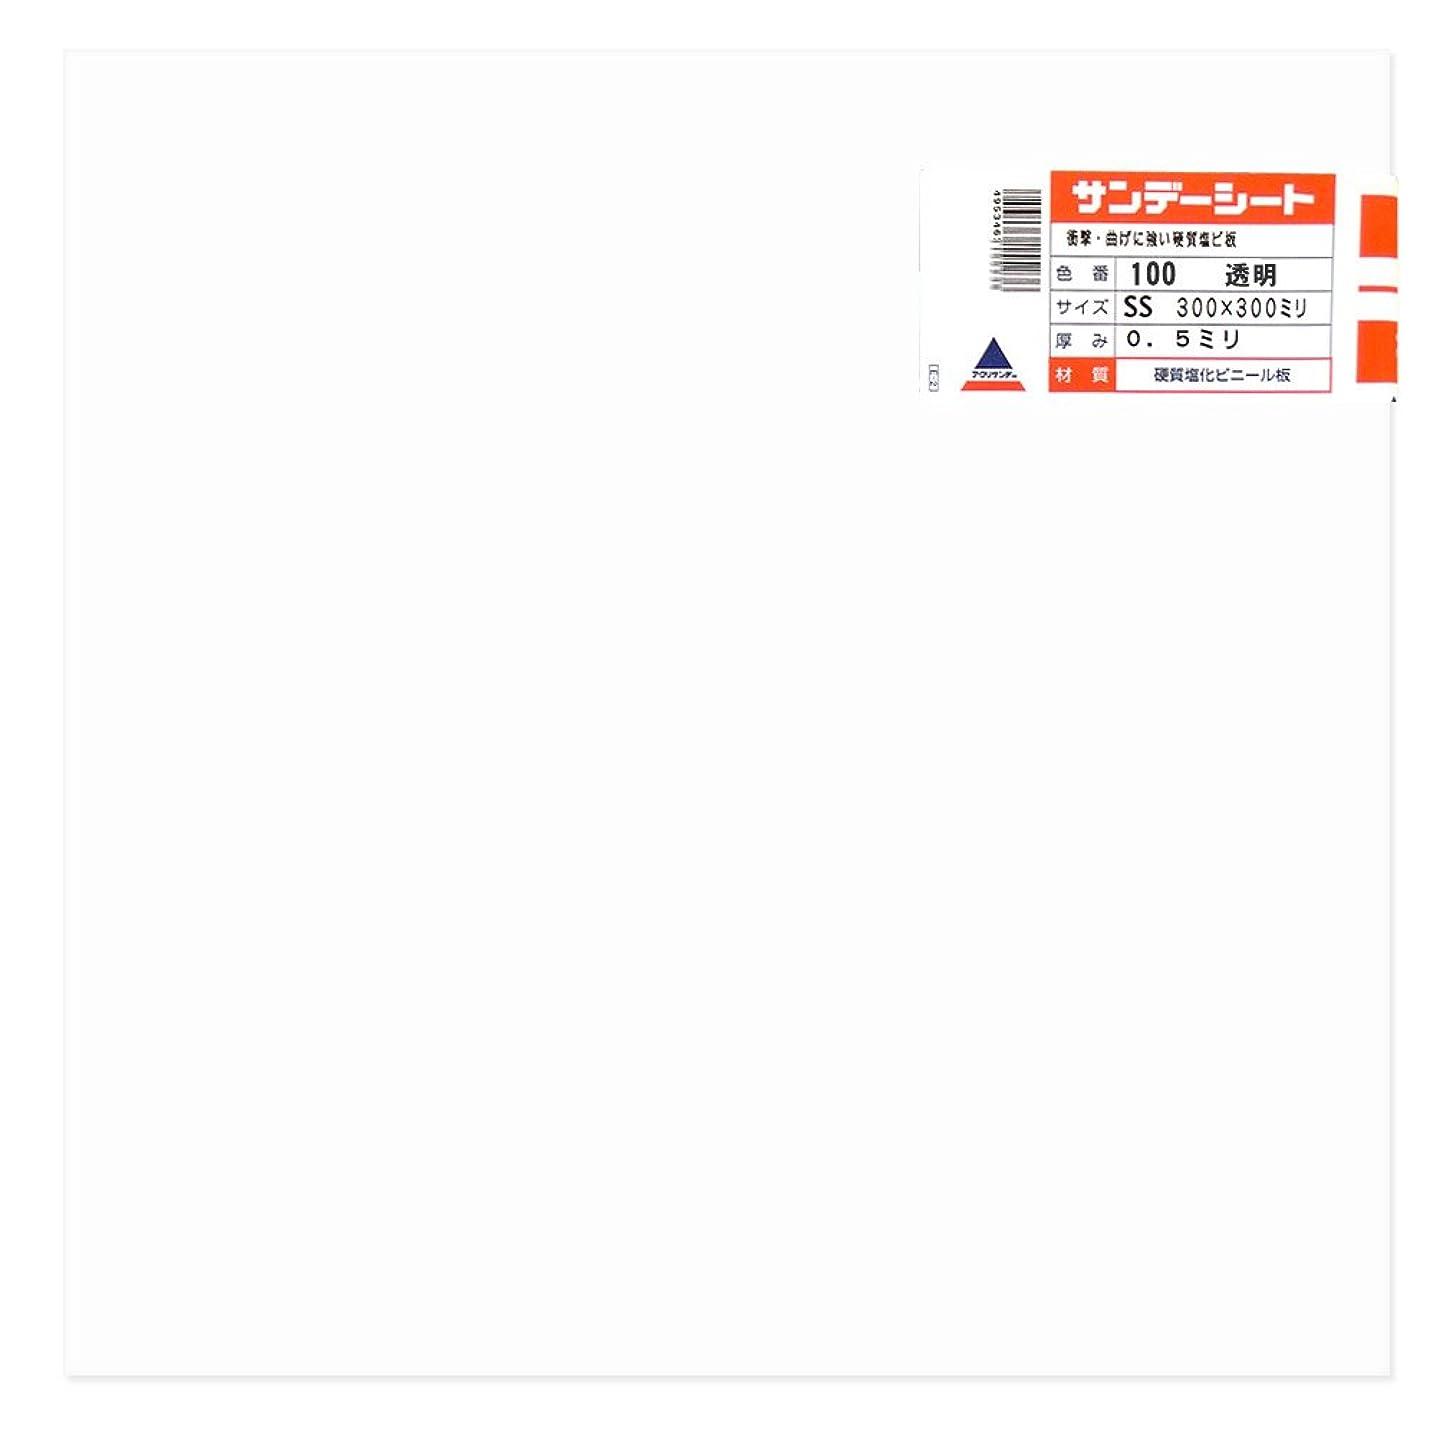 提供された哲学キャラクターアクリサンデー 硬質塩ビ板 透明タイプ サンデーシート 300mm×300mm 板厚 0.5mm 透明 100 SS 0.5